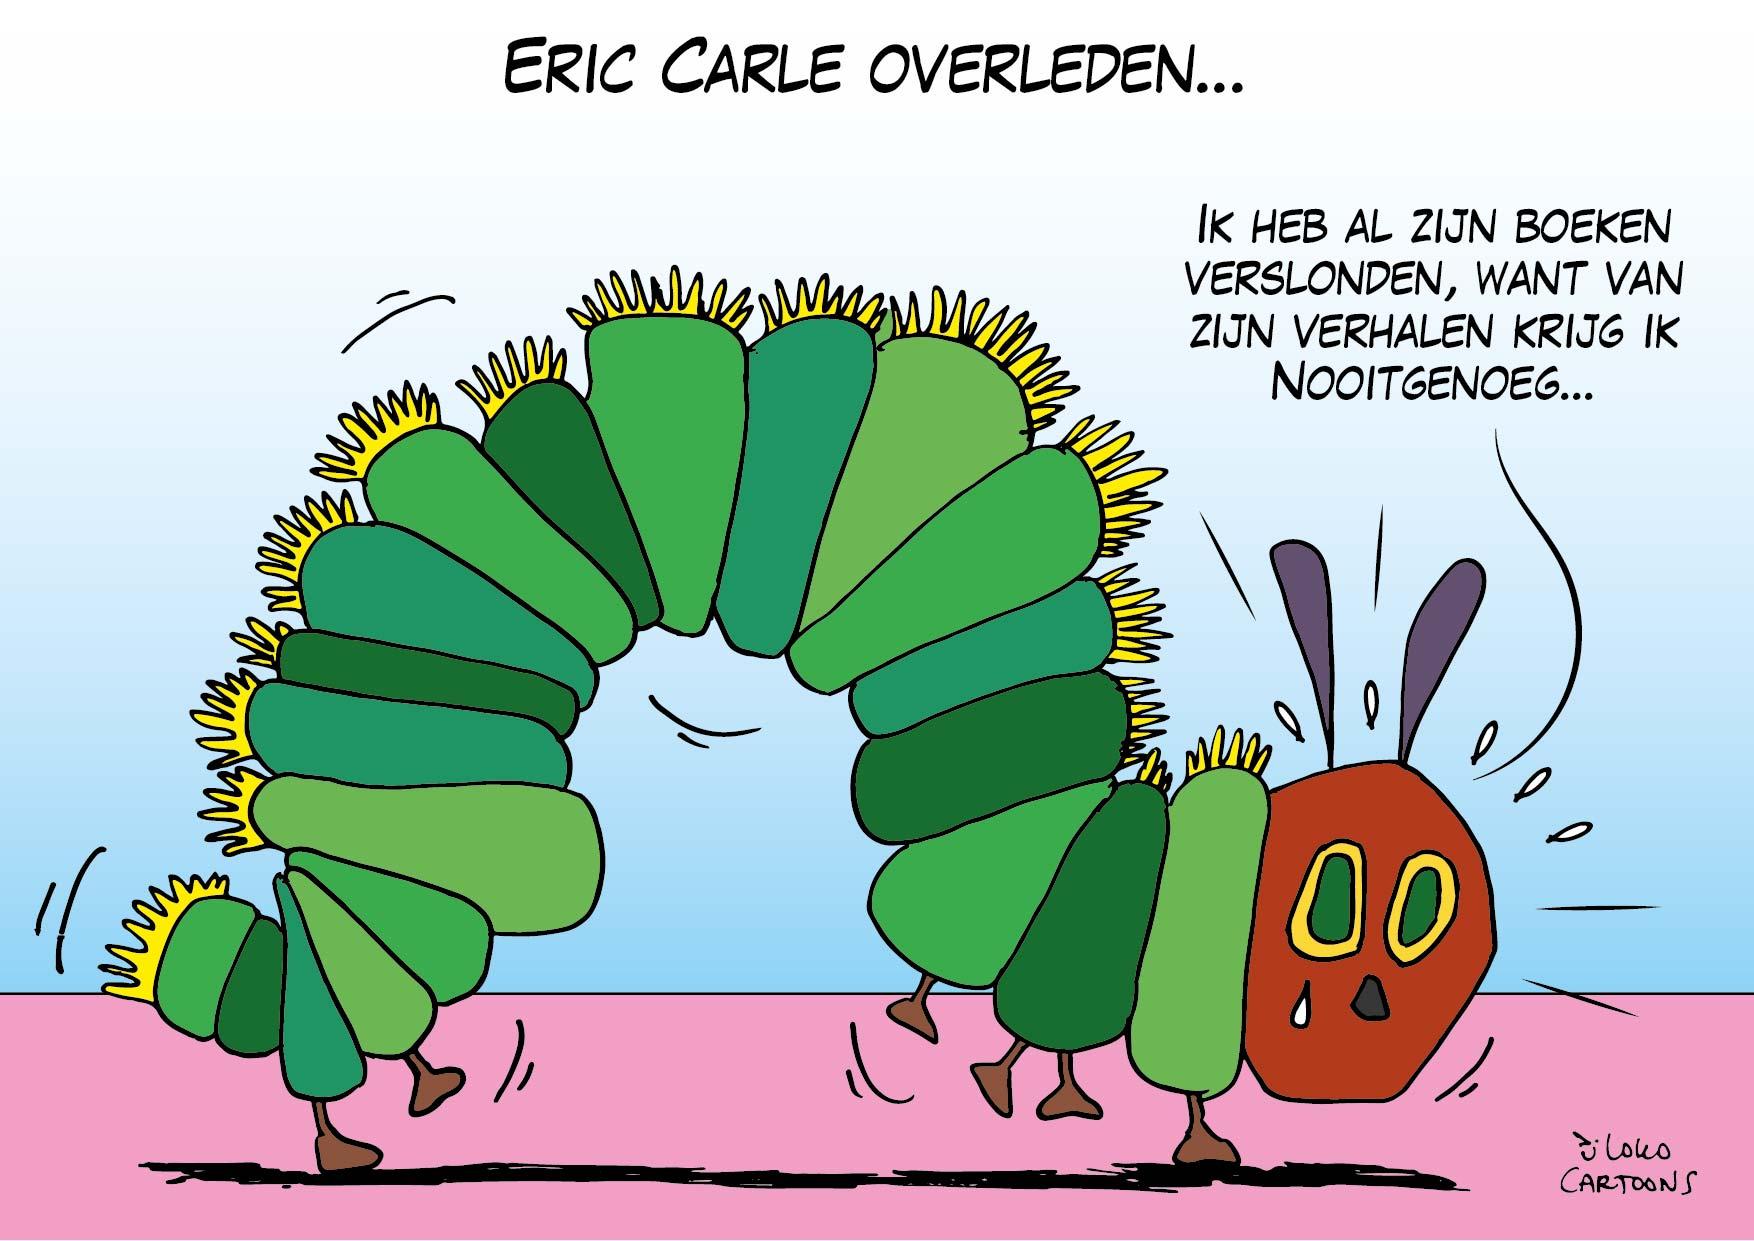 Eric Carle overleden…